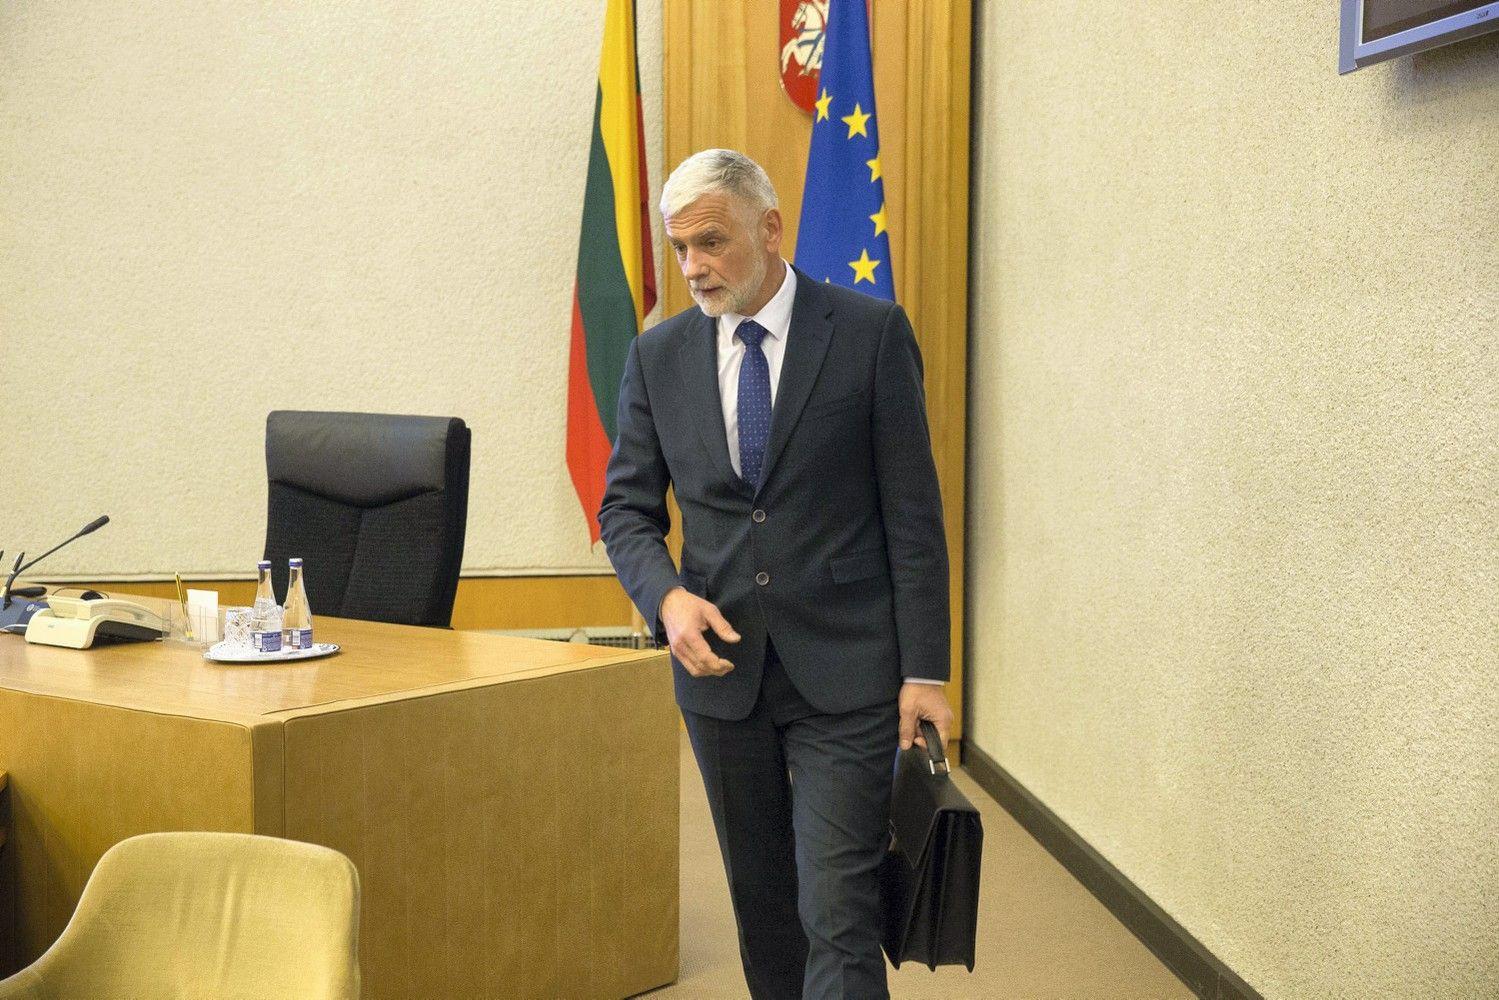 Ministras lieka Vyriausybėje, bet turės pasirinkti – verslas ar politika